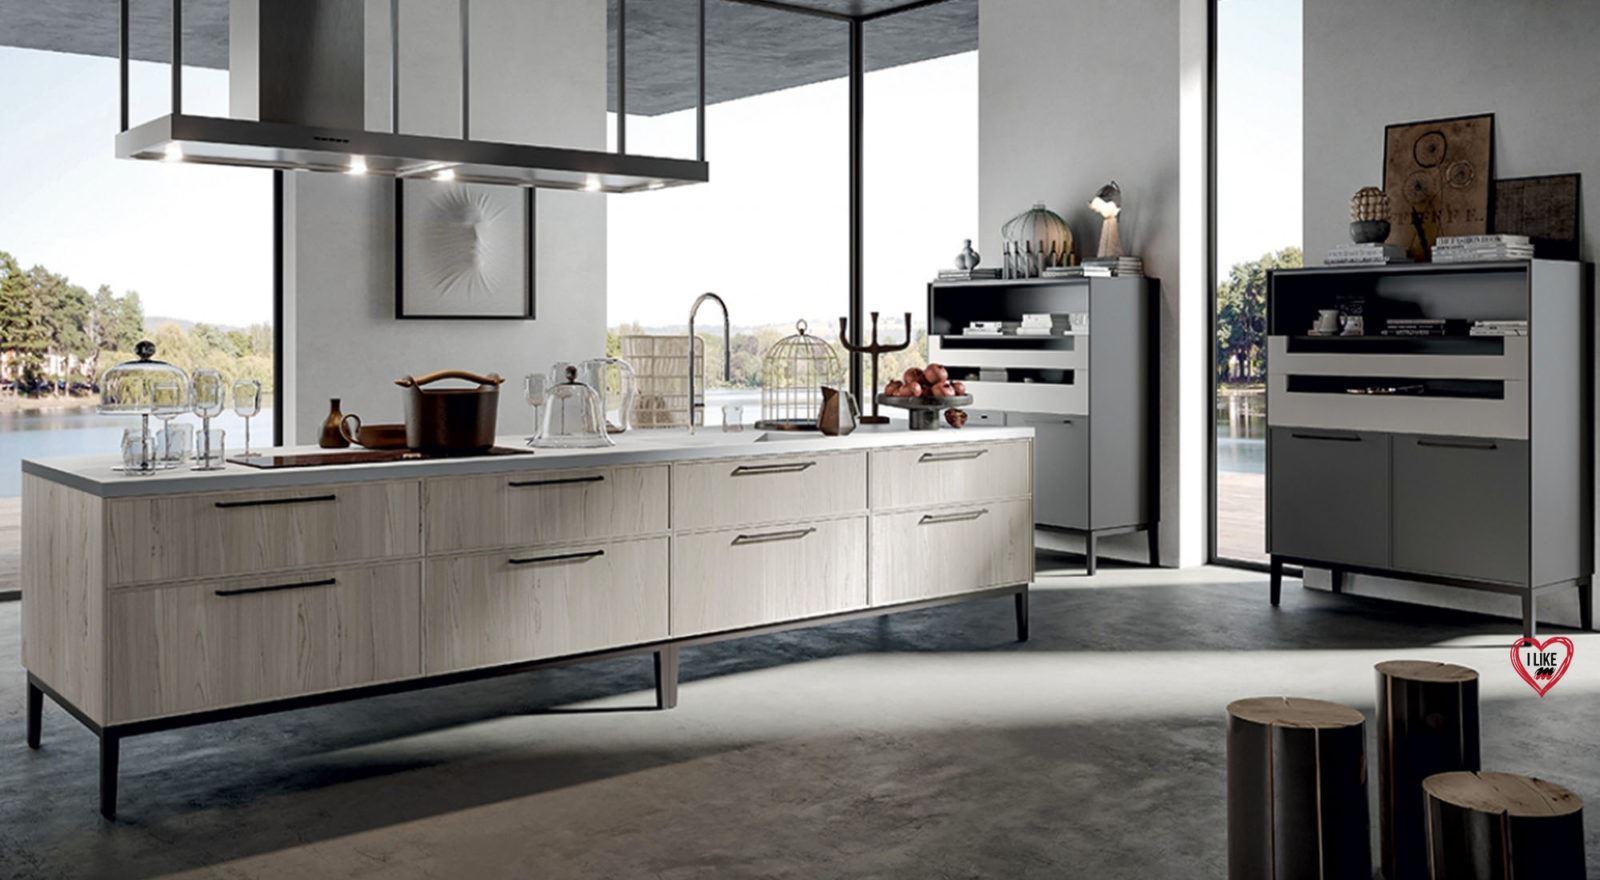 Cucine di design arredamenti meneghello for Cucine design